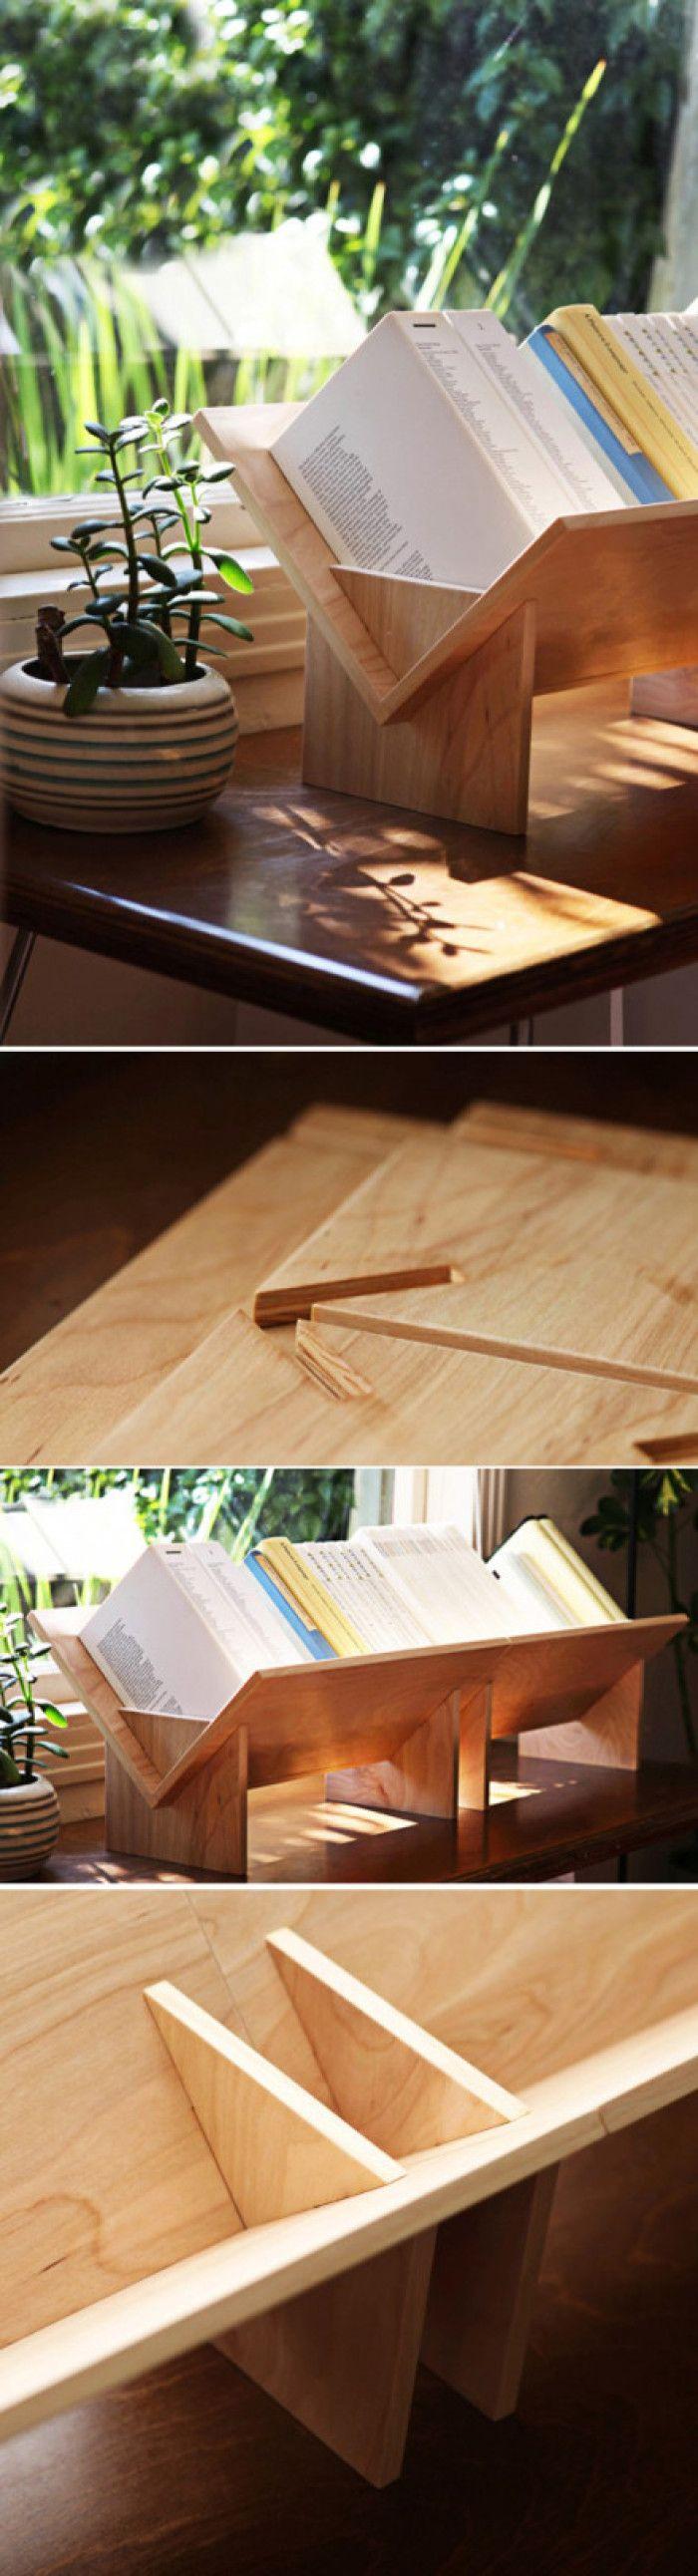 非常实用而且适合DIY的组合书架,使用桦木胶合板制作。